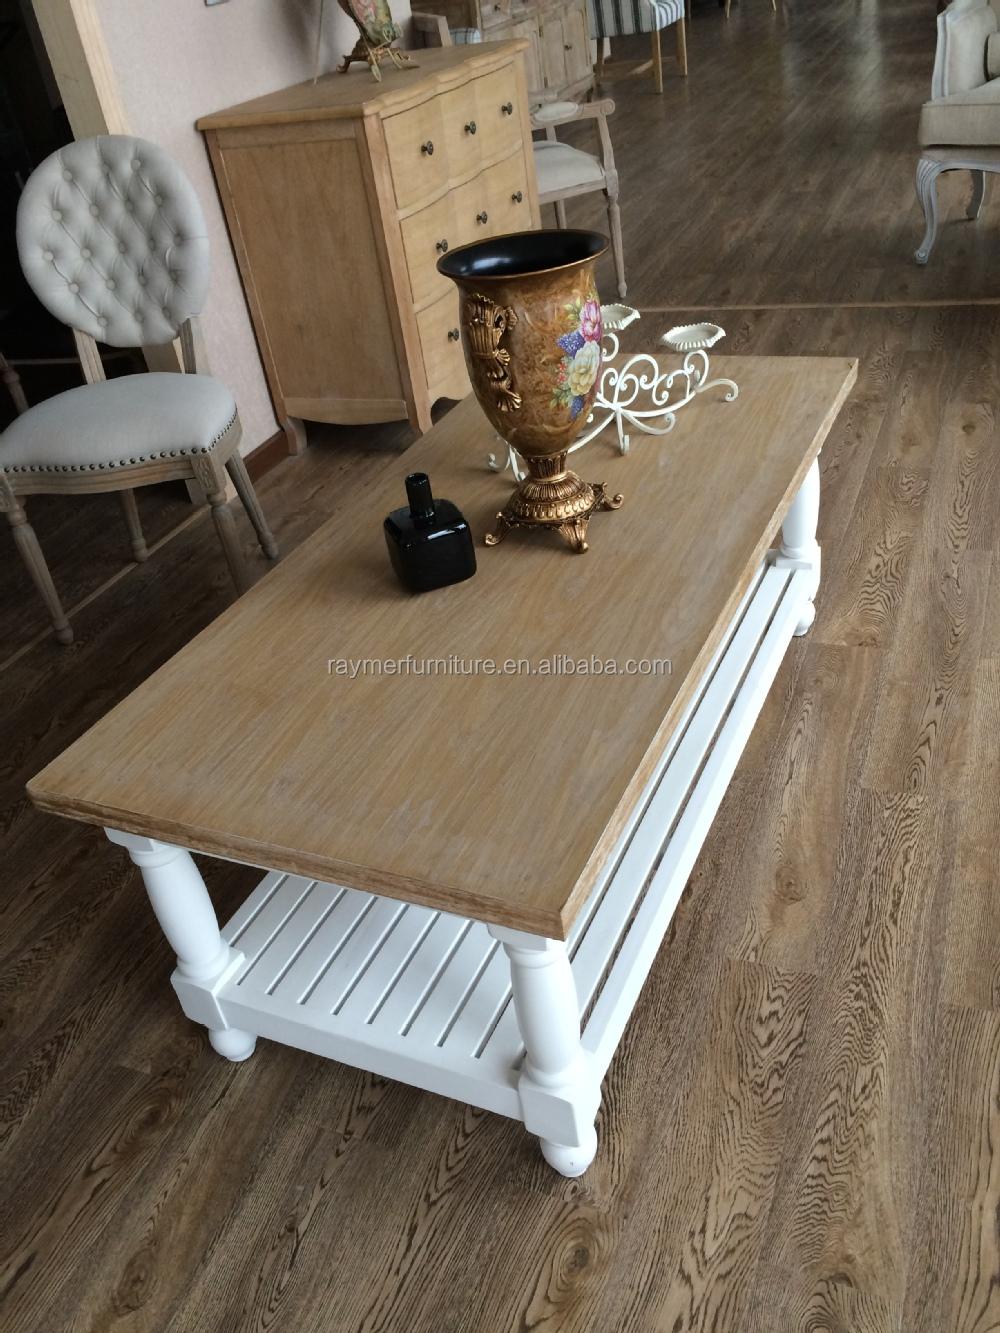 Hermosa Café Muebles Tabla Reposapiés Composición - Muebles Para ...